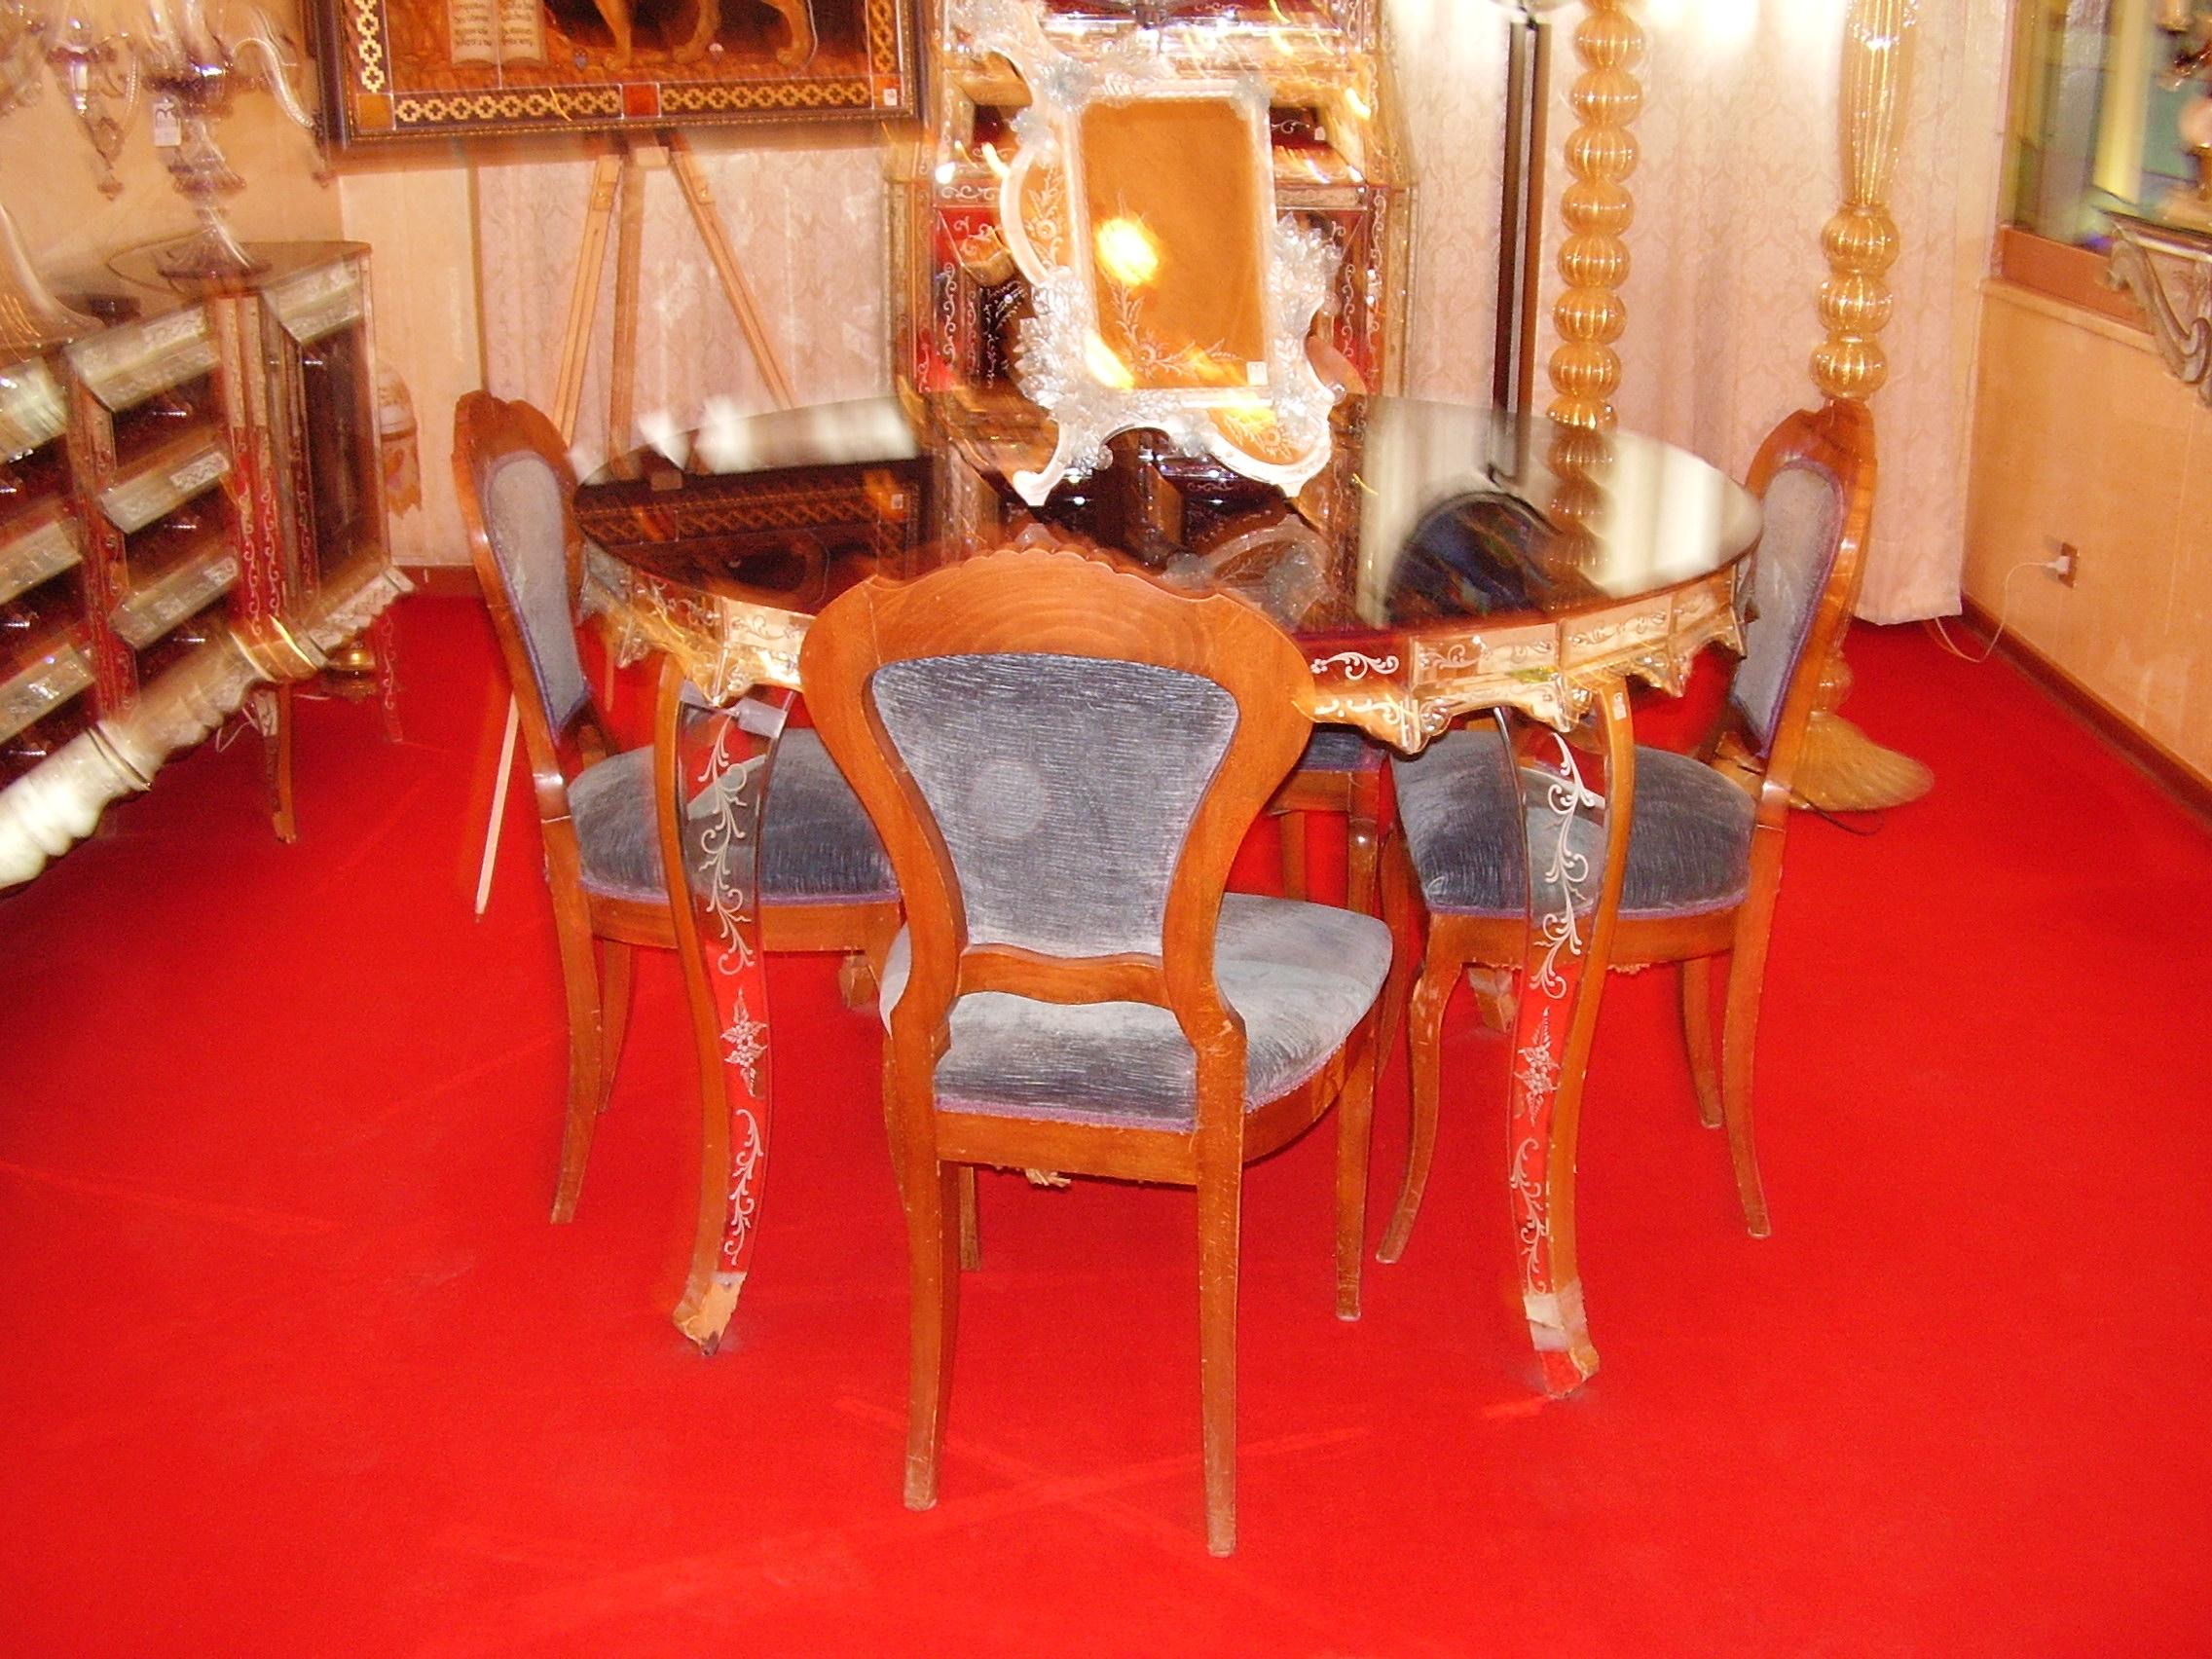 Verre de table - Venise - Visite privée de la Vénétie - Venise